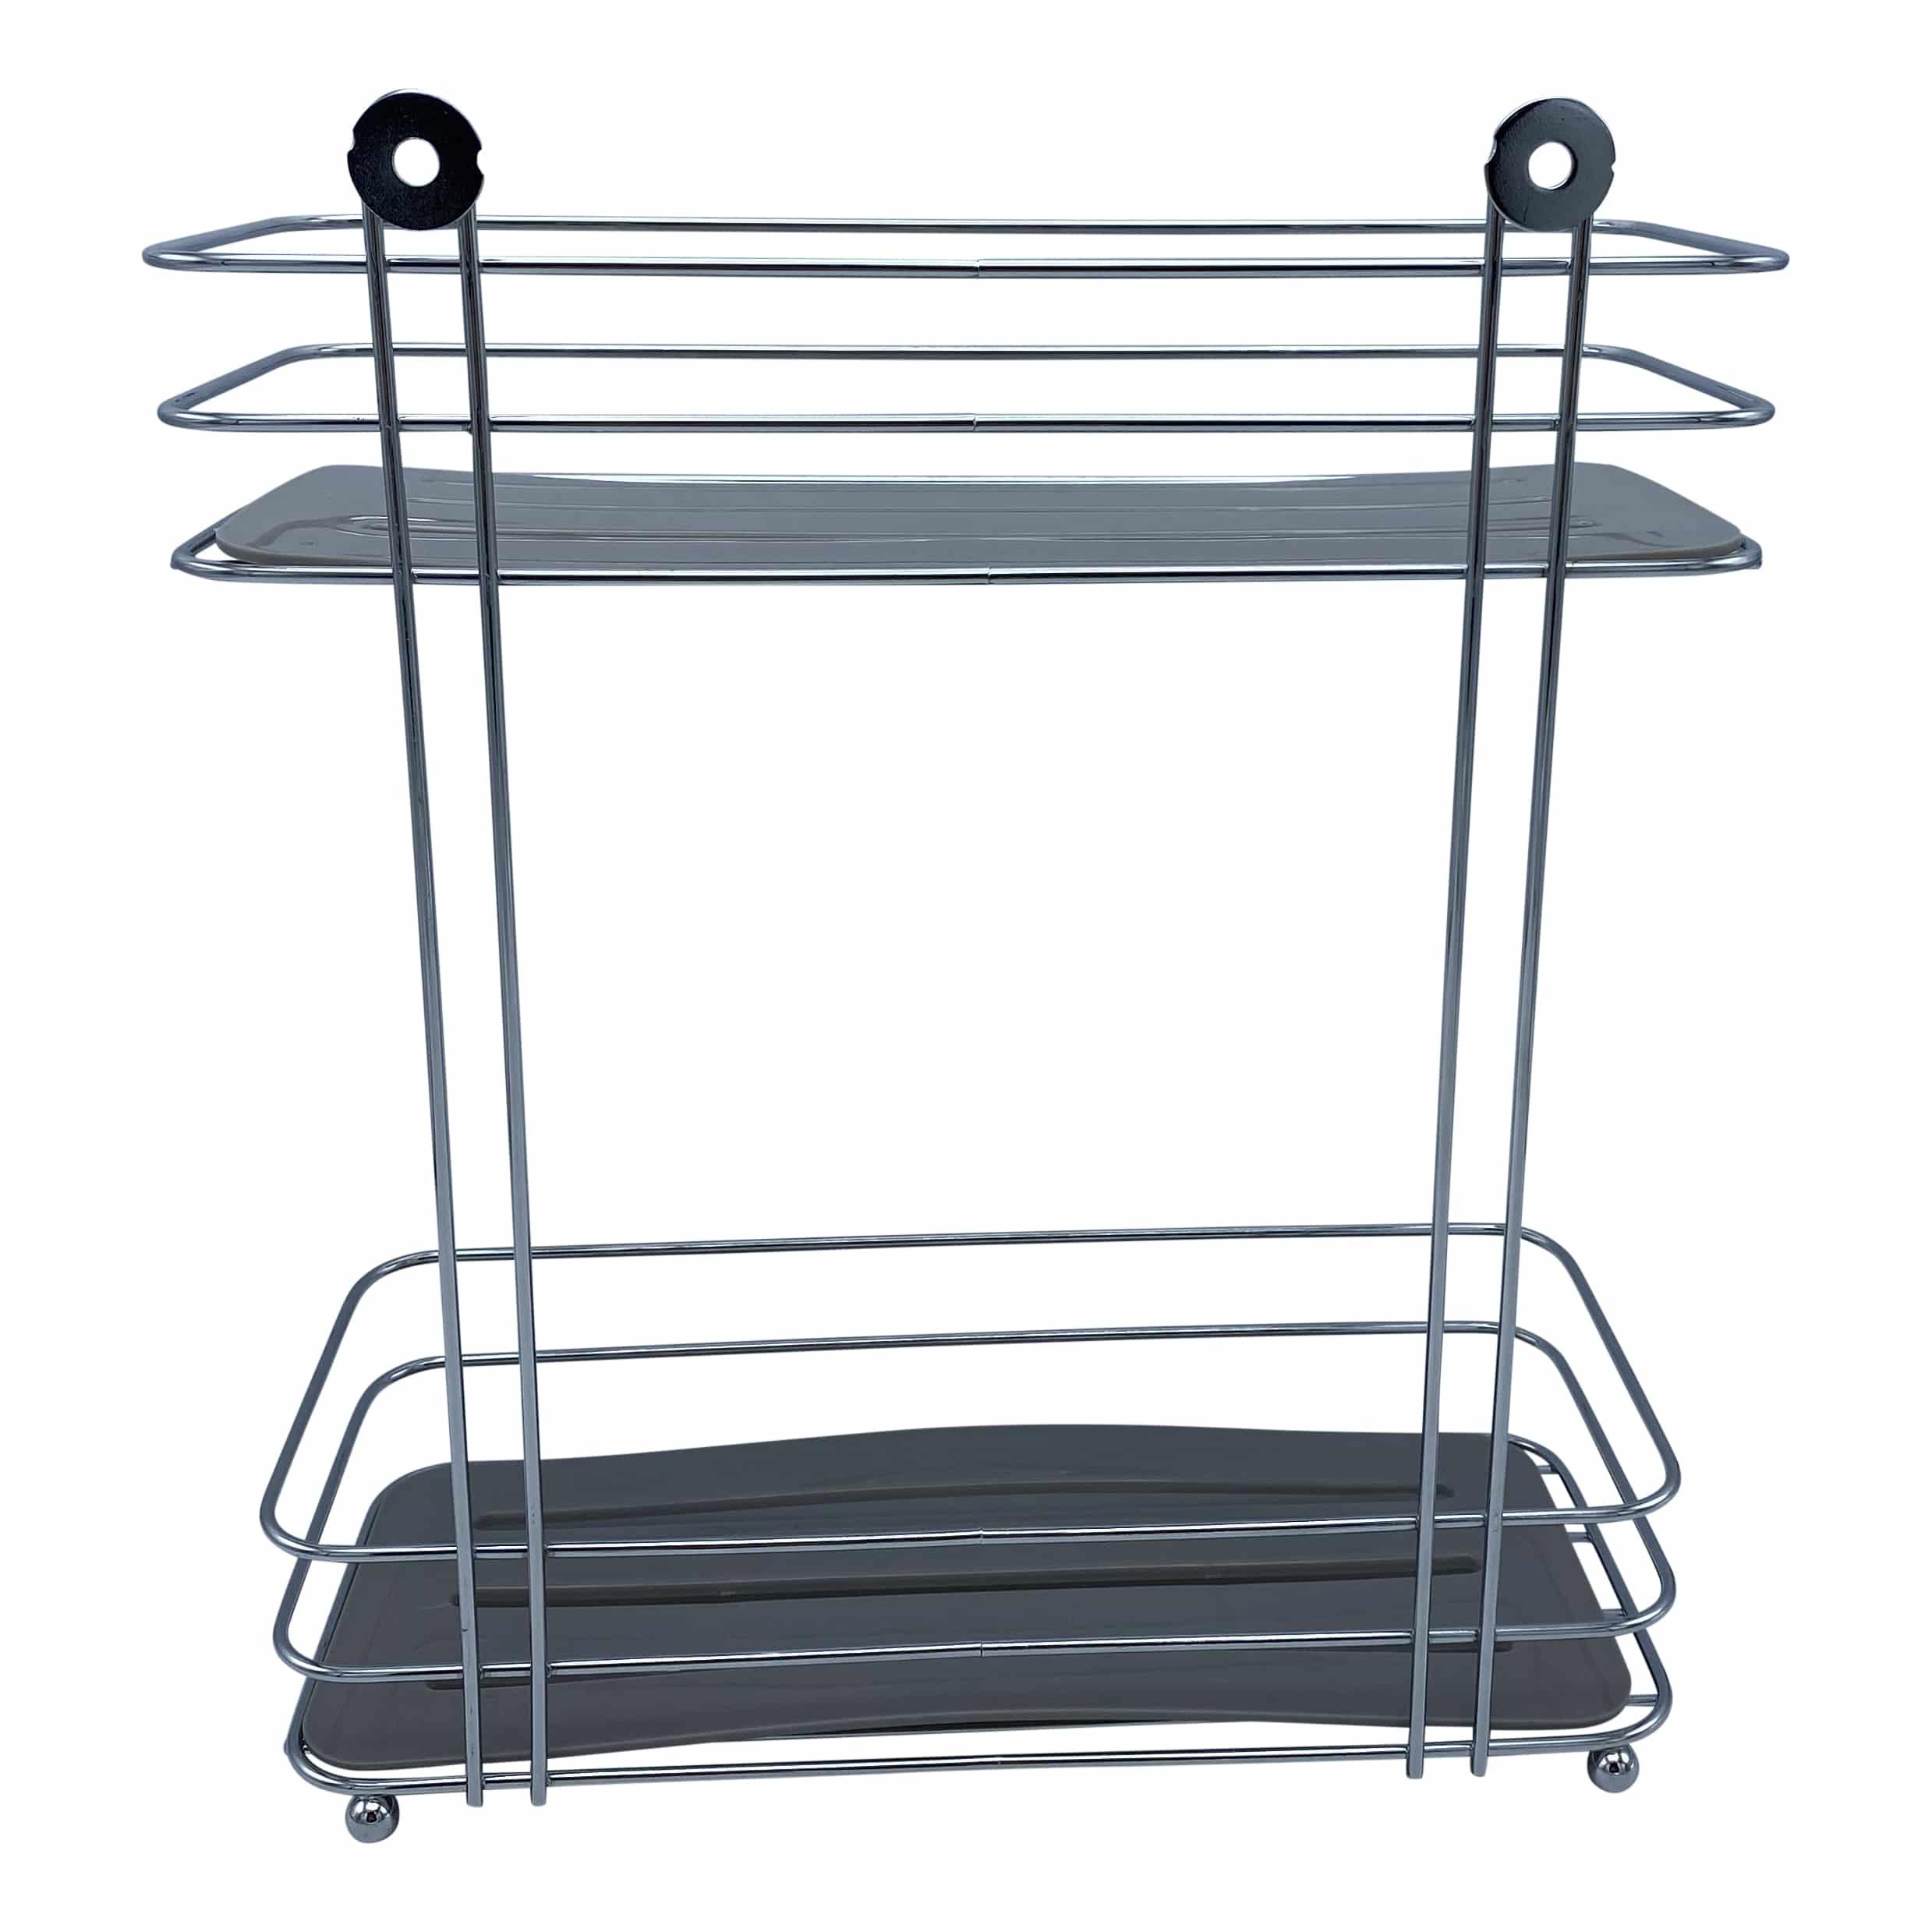 2-laags metalen doucherek rechthoekig model - Chroom/grijs